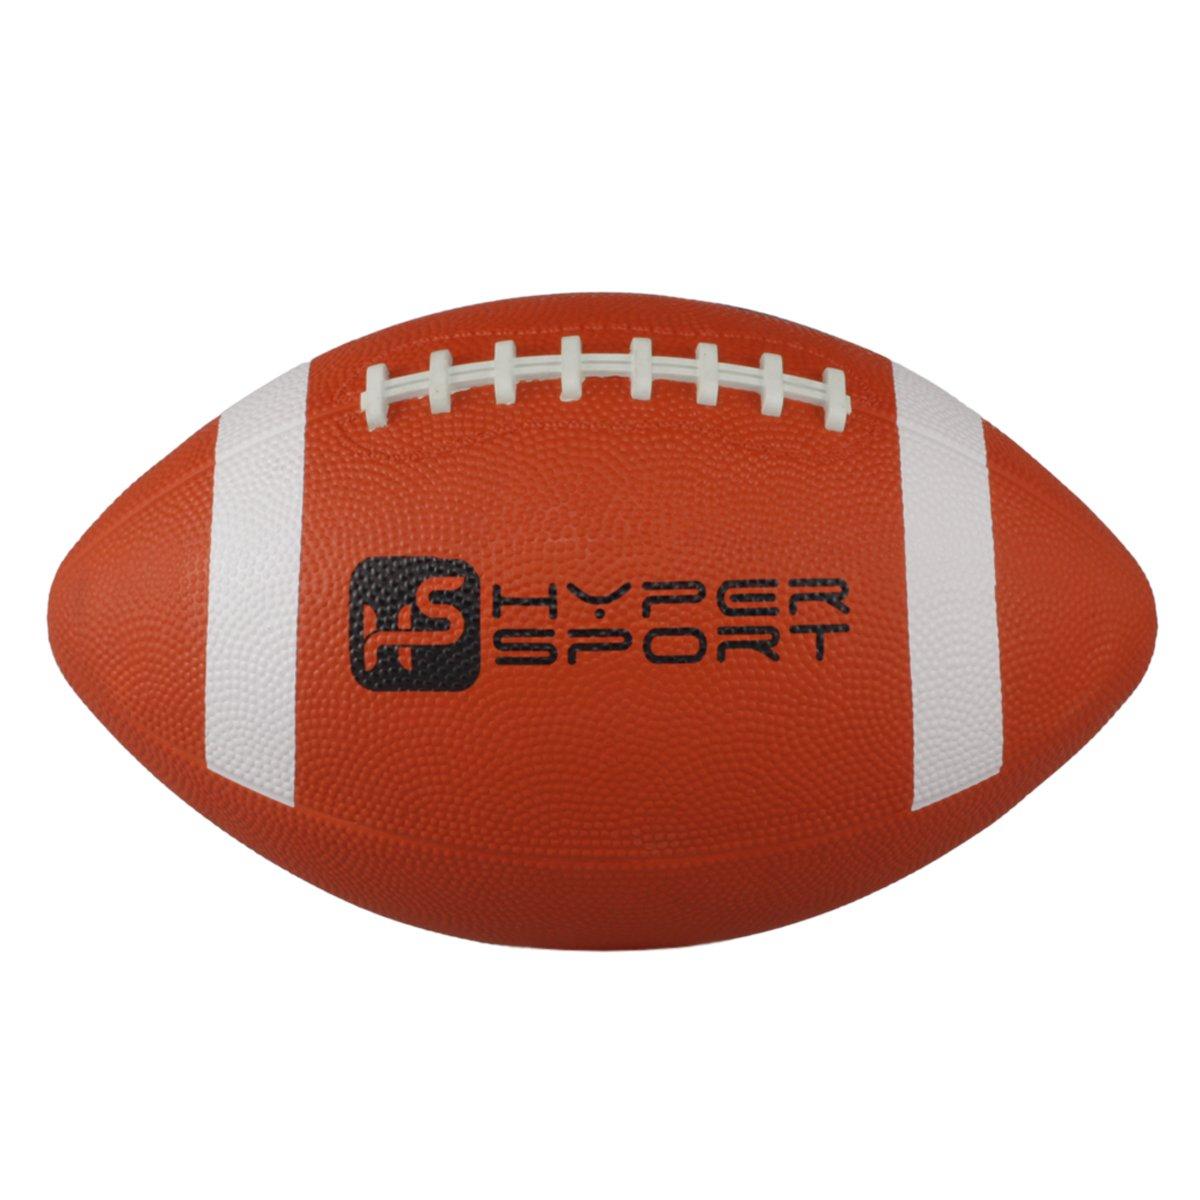 Bola De Futebol Americano Hyper Sports  bbd6658512e20